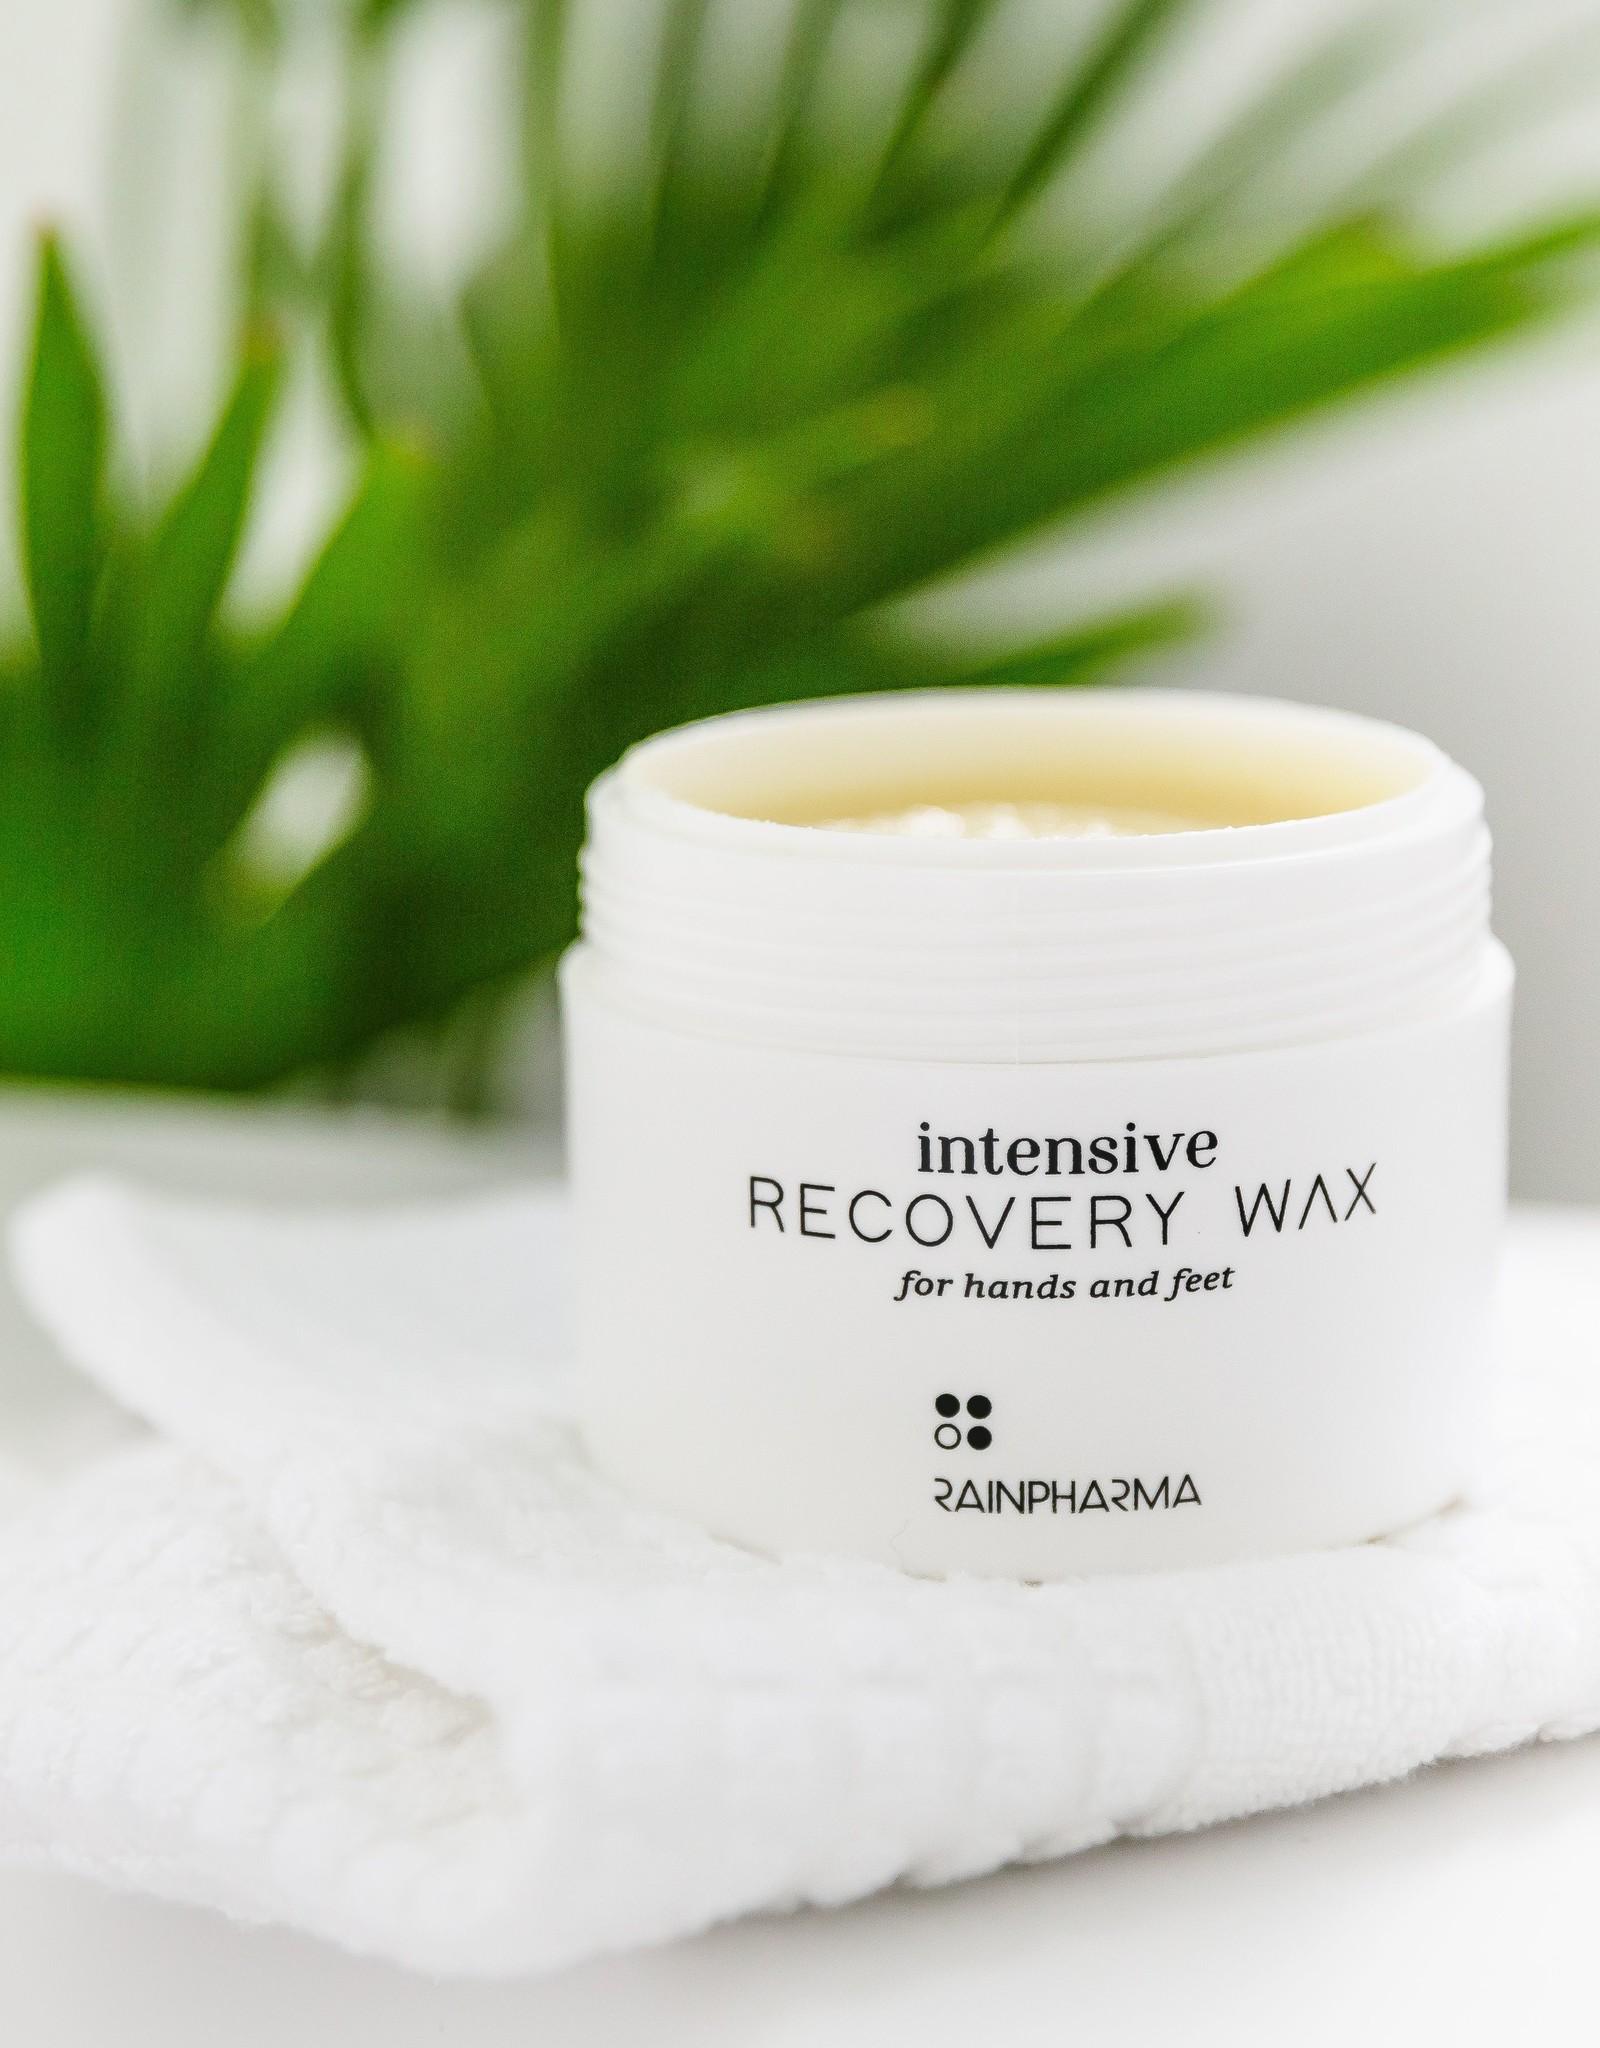 RainPharma Intensive Recovery Wax 200ml - Rainpharma